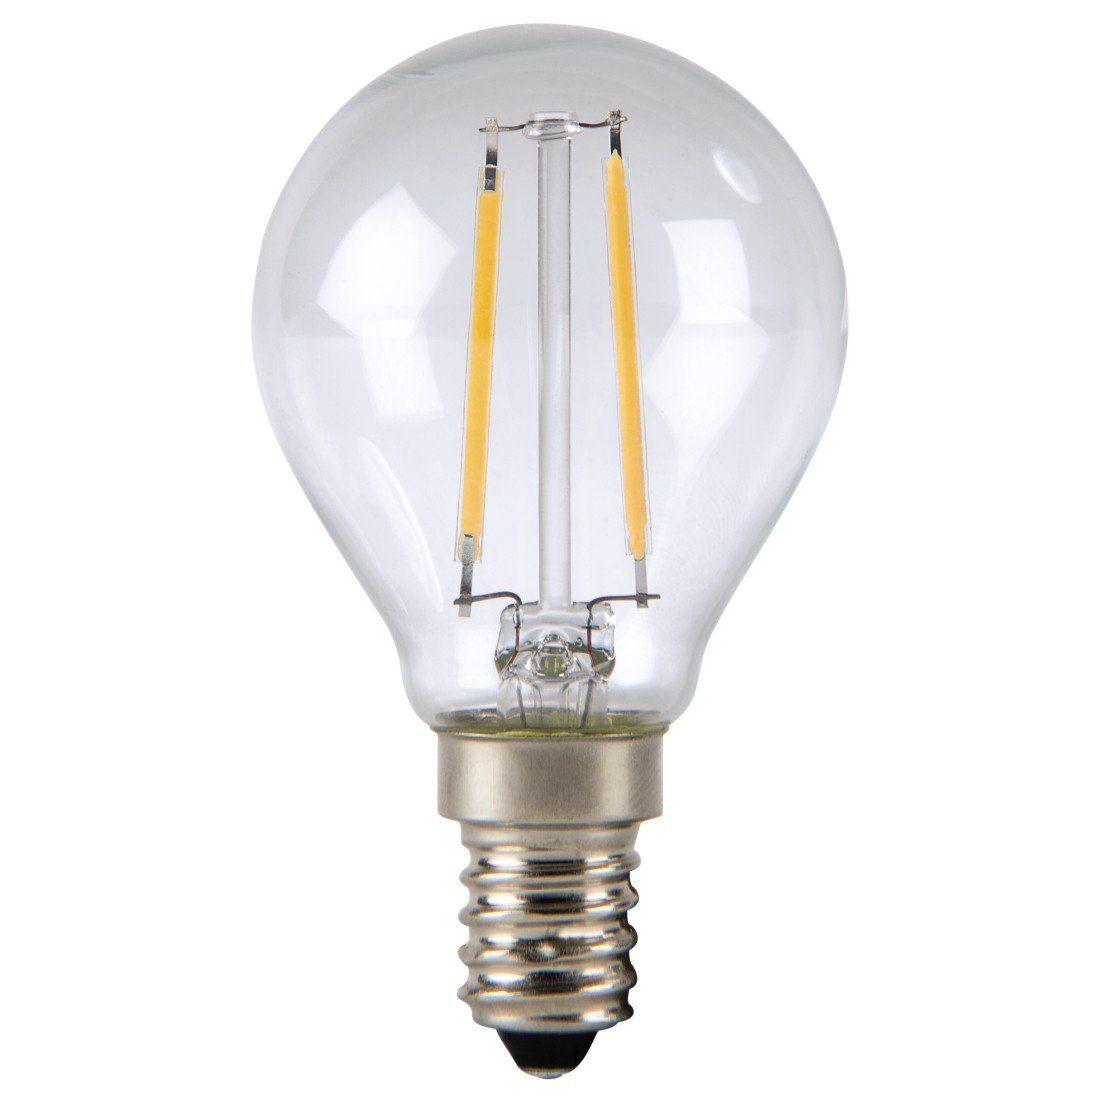 Xavax LED-Lampe, 2,4W, Tropfenform, Filament, E14, Warmweiß